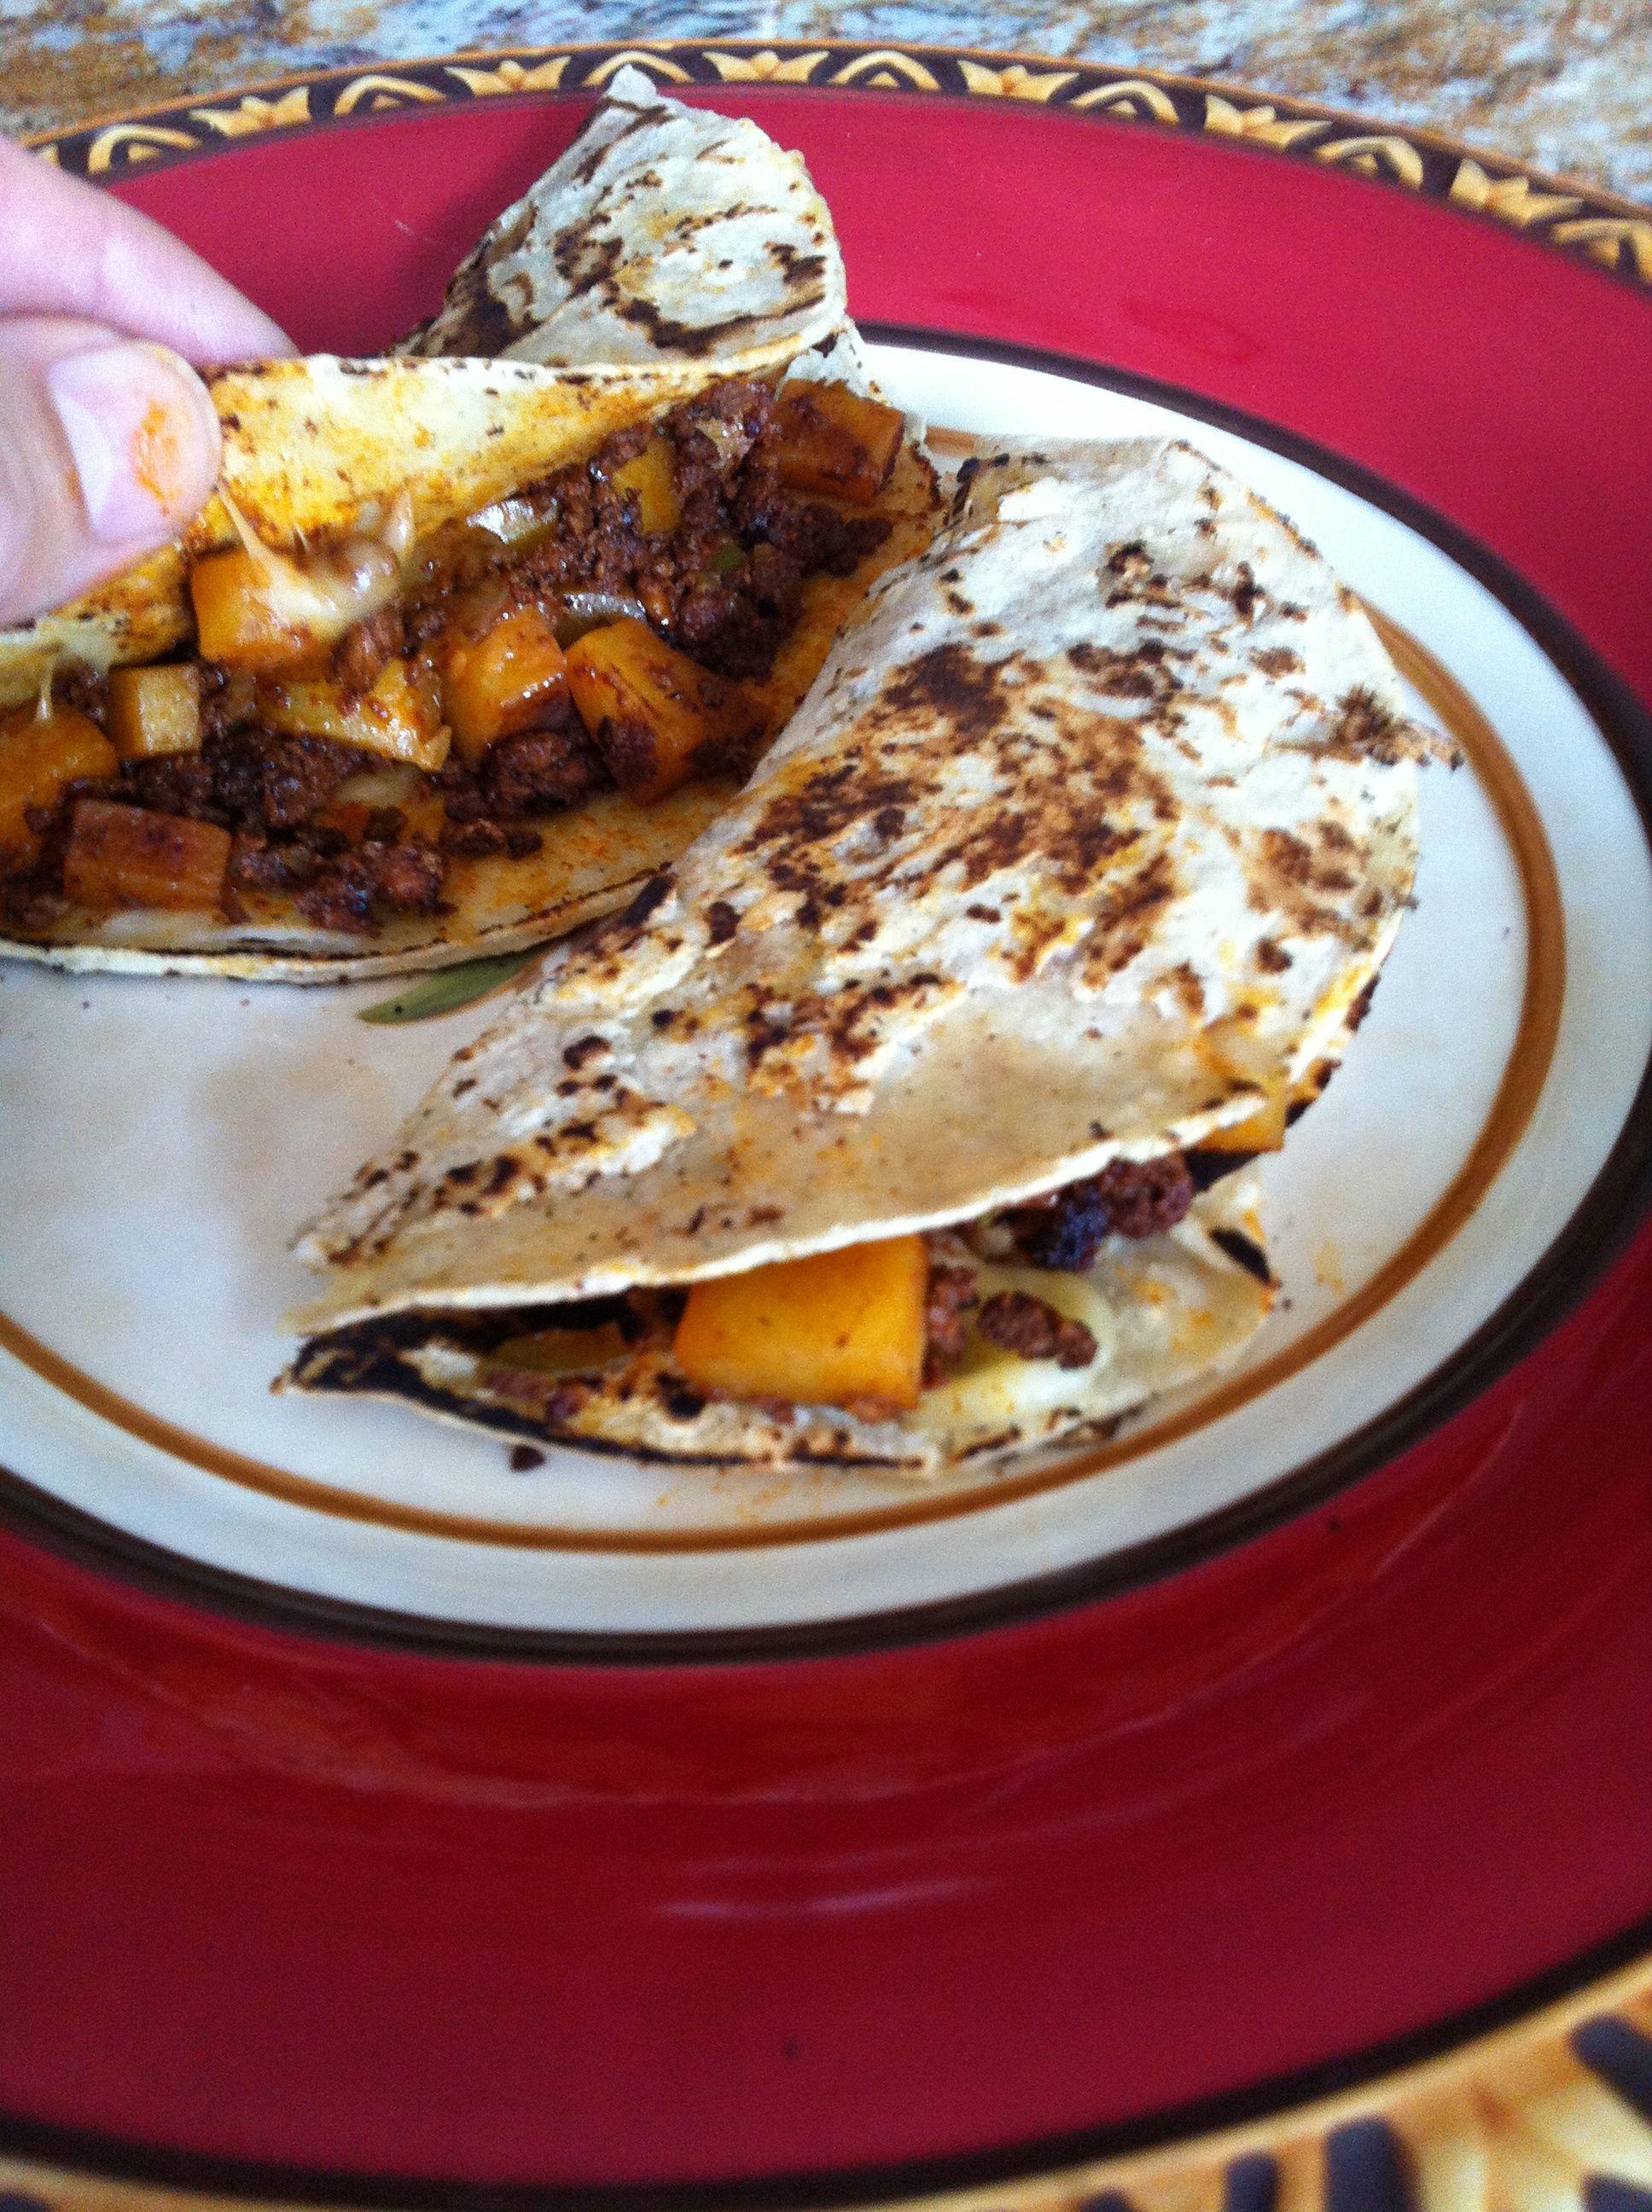 Tacos De Chorizo Y Papa | www.galleryhip.com - The Hippest Pics